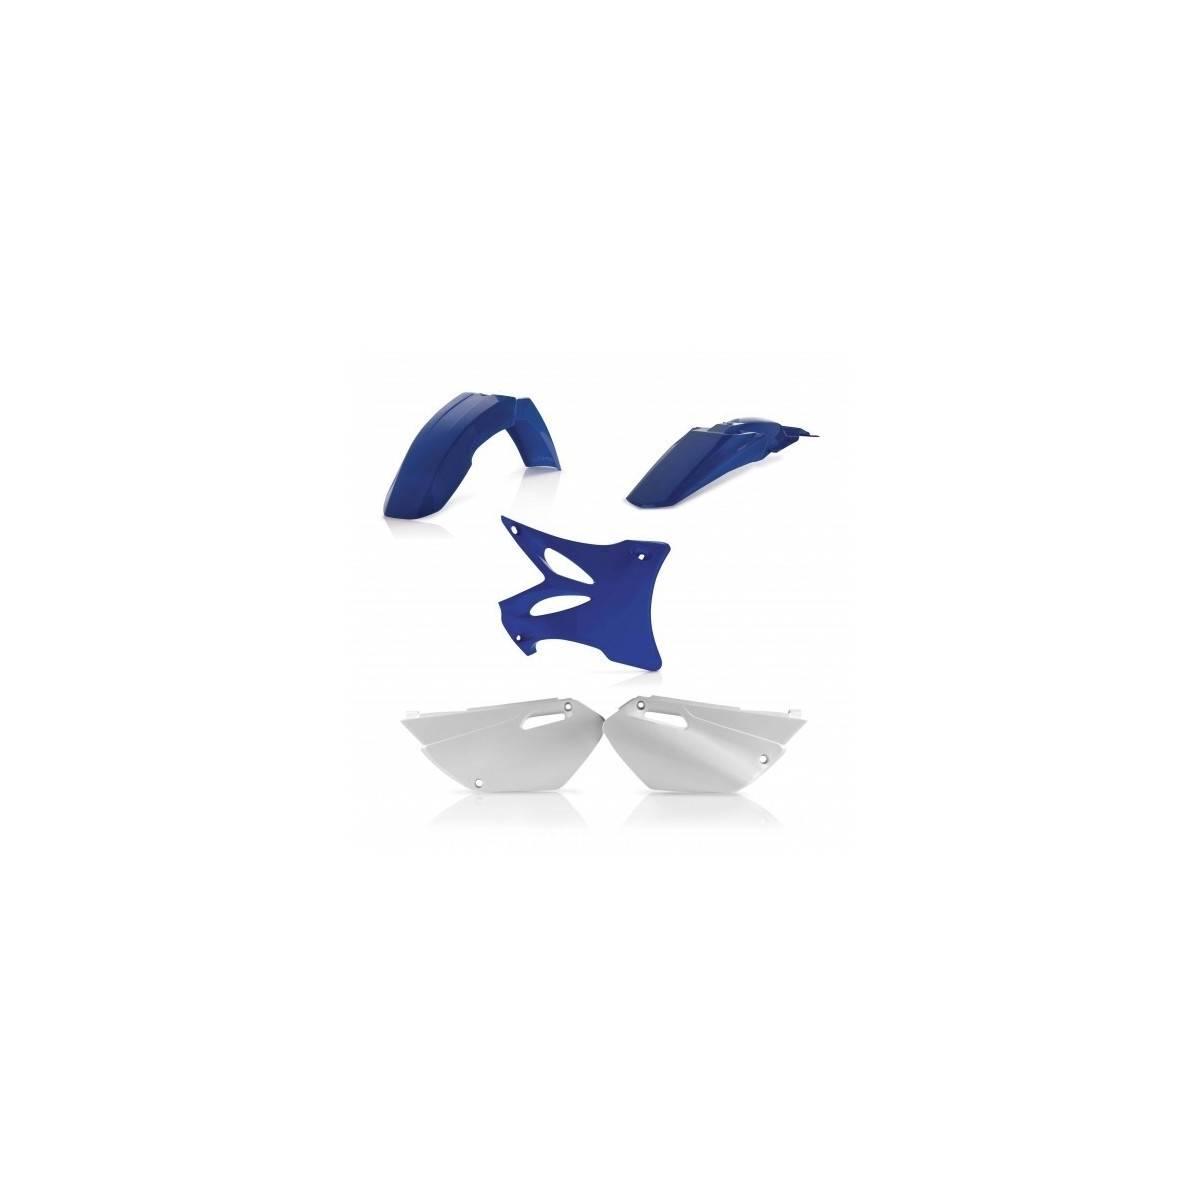 0009320-553 - Kit Plasticos Yz 125 Yz 250 Wr 125 Wr 250 06 14 Origen